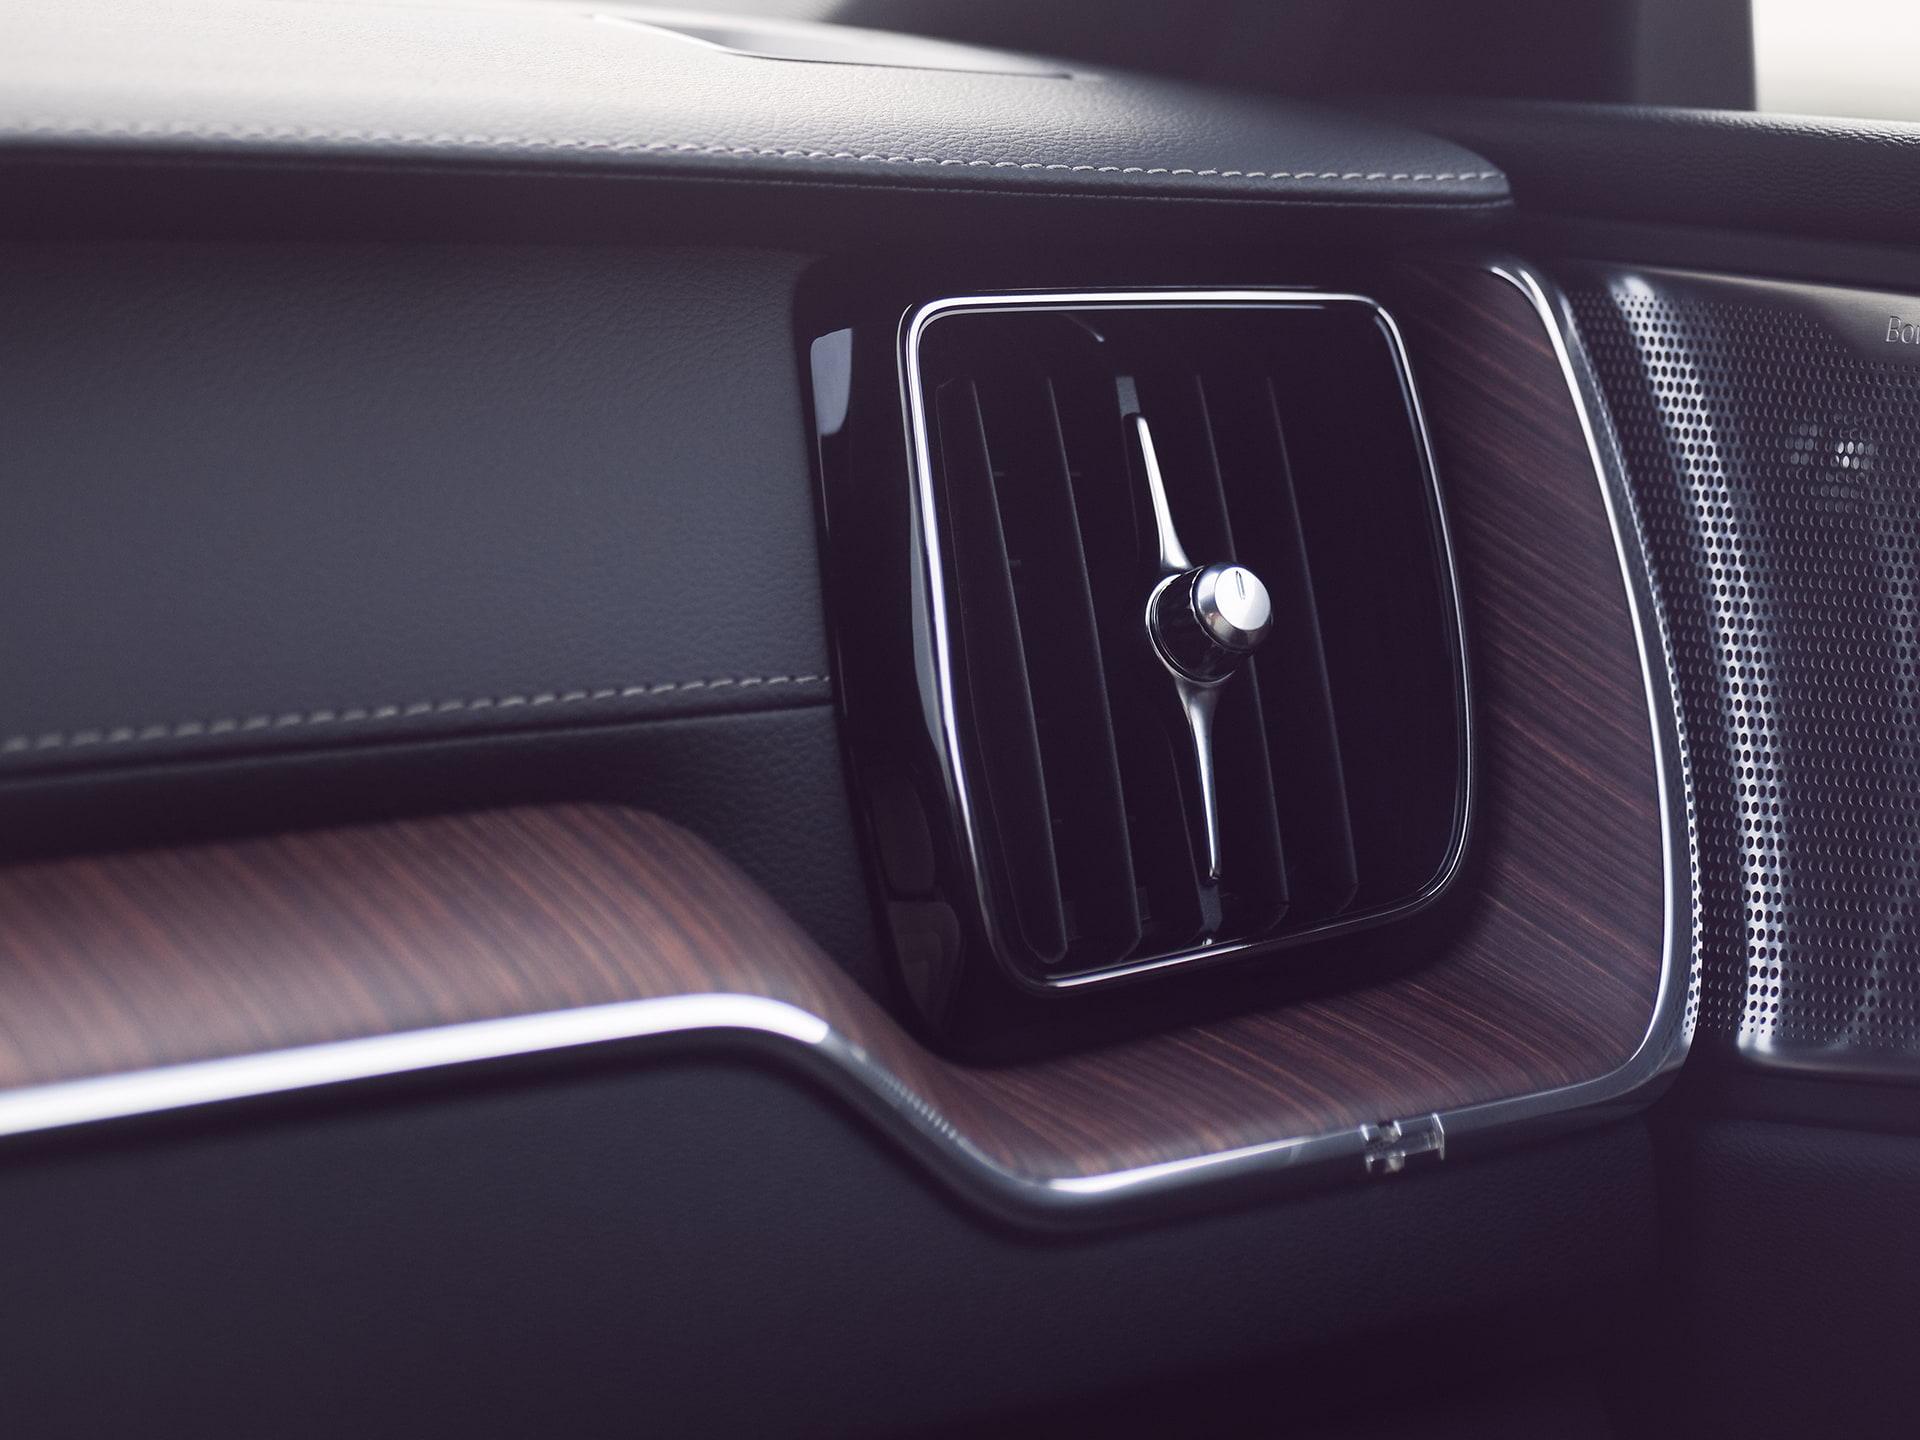 Modernais gaisa attīrītājs XC60 Recharge automašīnā palīdz jums un jūsu pasažieriem izbaudīt labāku un veselīgāku gaisa kvalitāti.